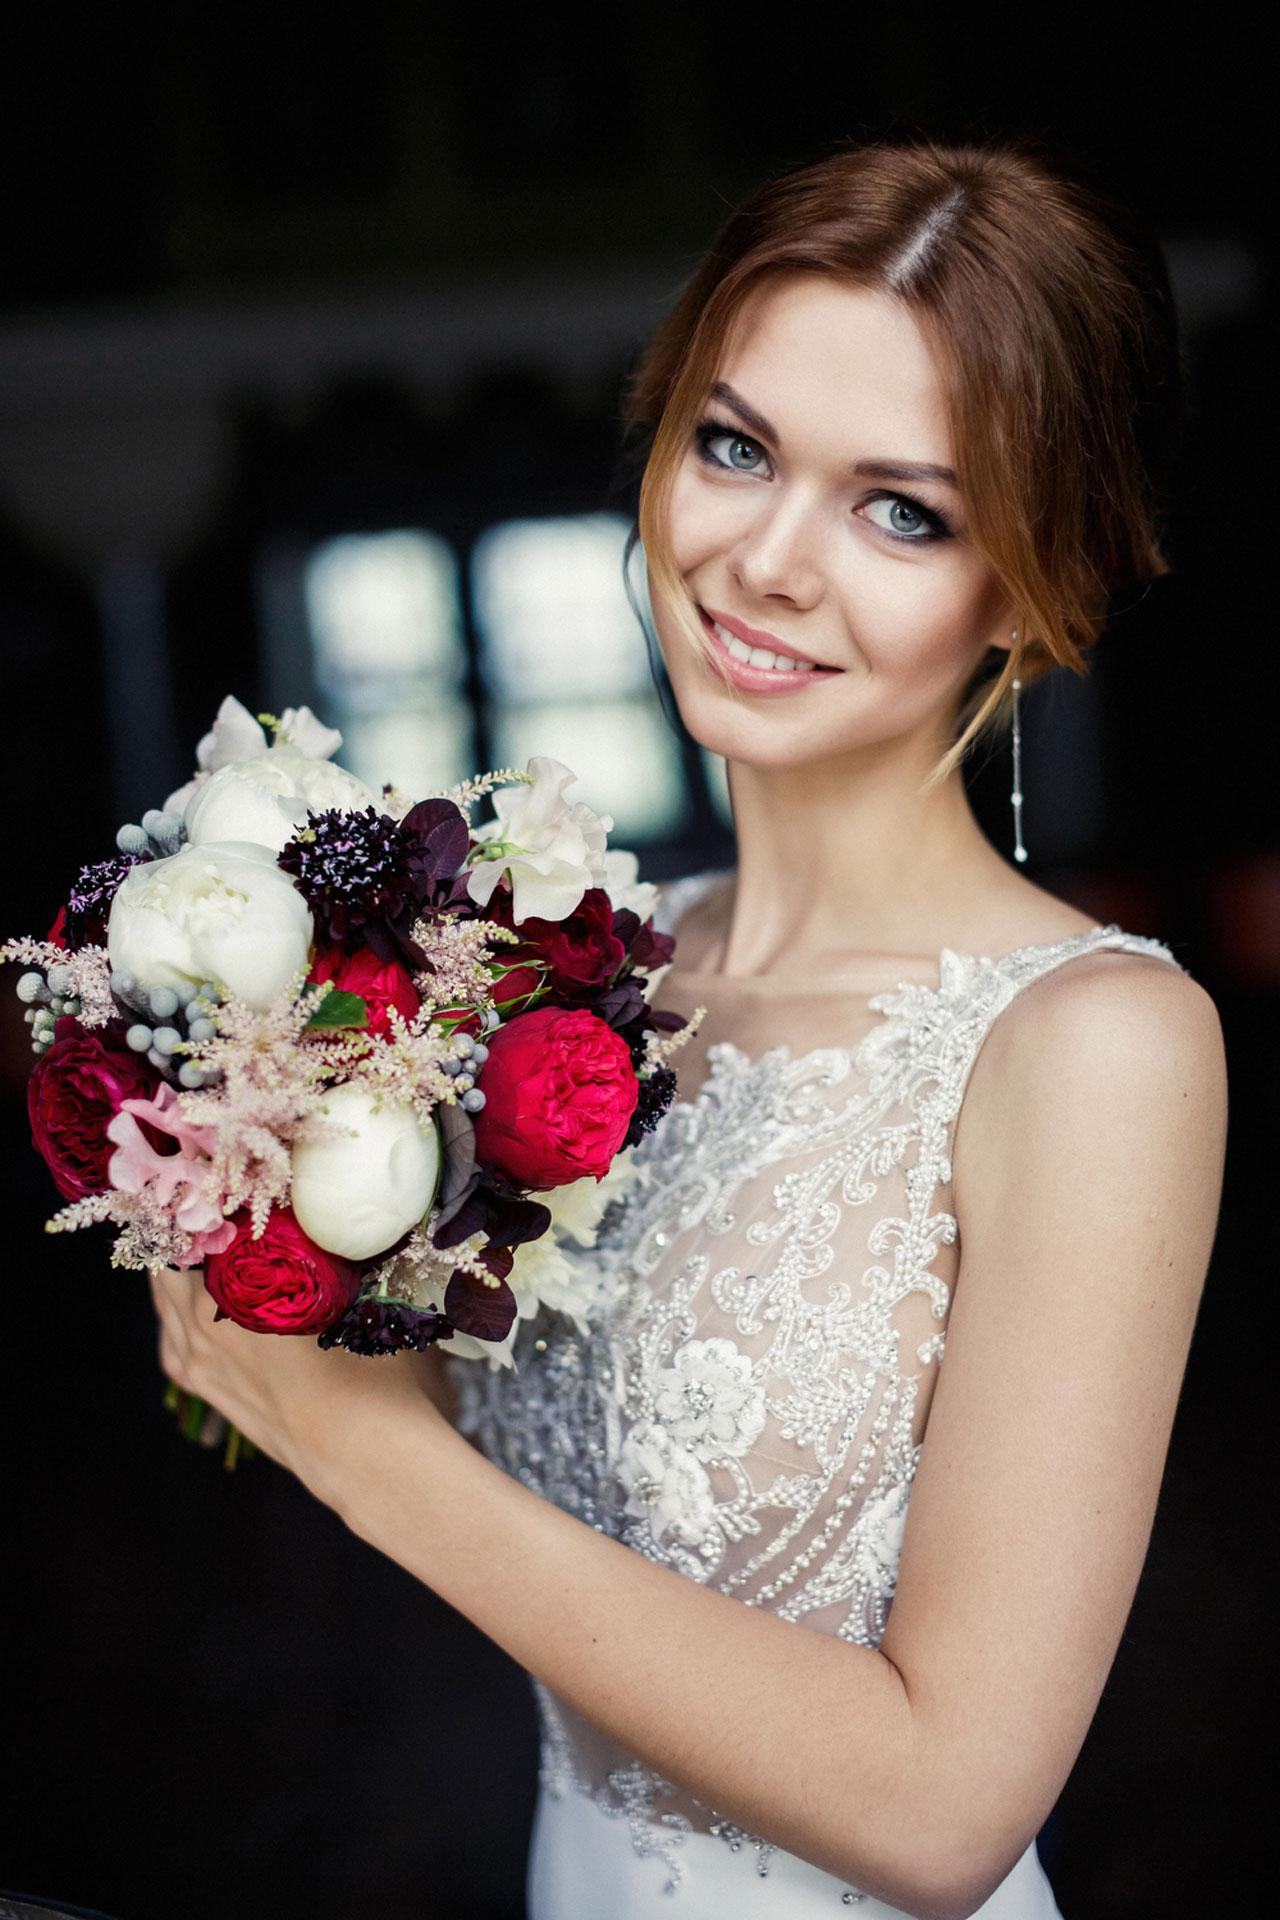 В цвете марсала. Свадьба Тимура и Екатерины фото 19